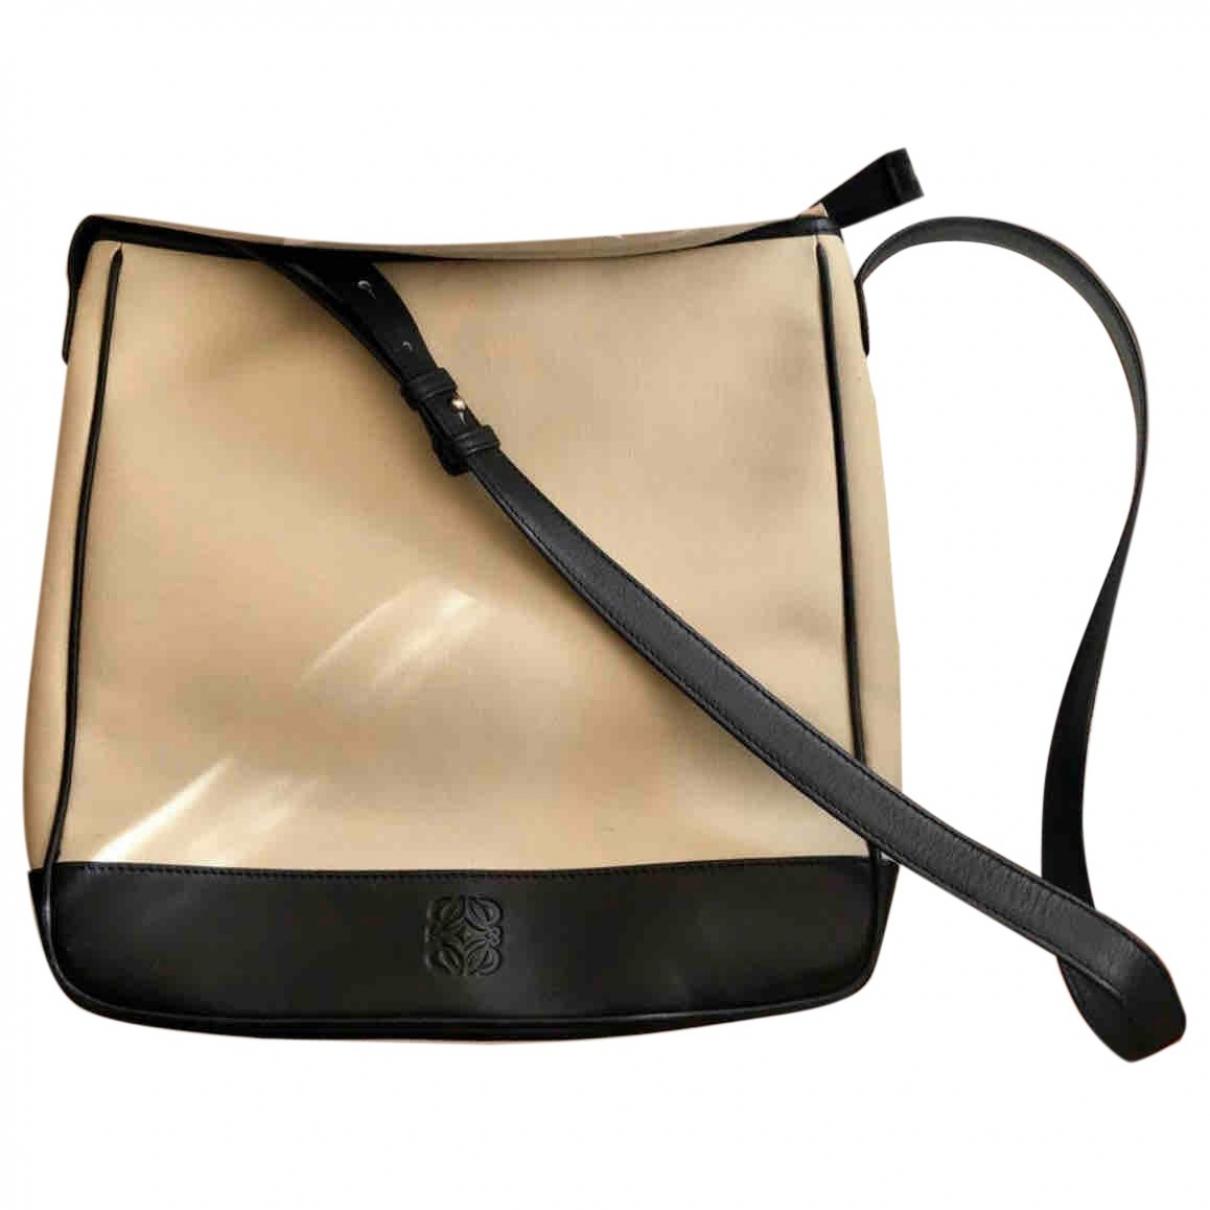 Loewe \N Handtasche in  Beige Leinen